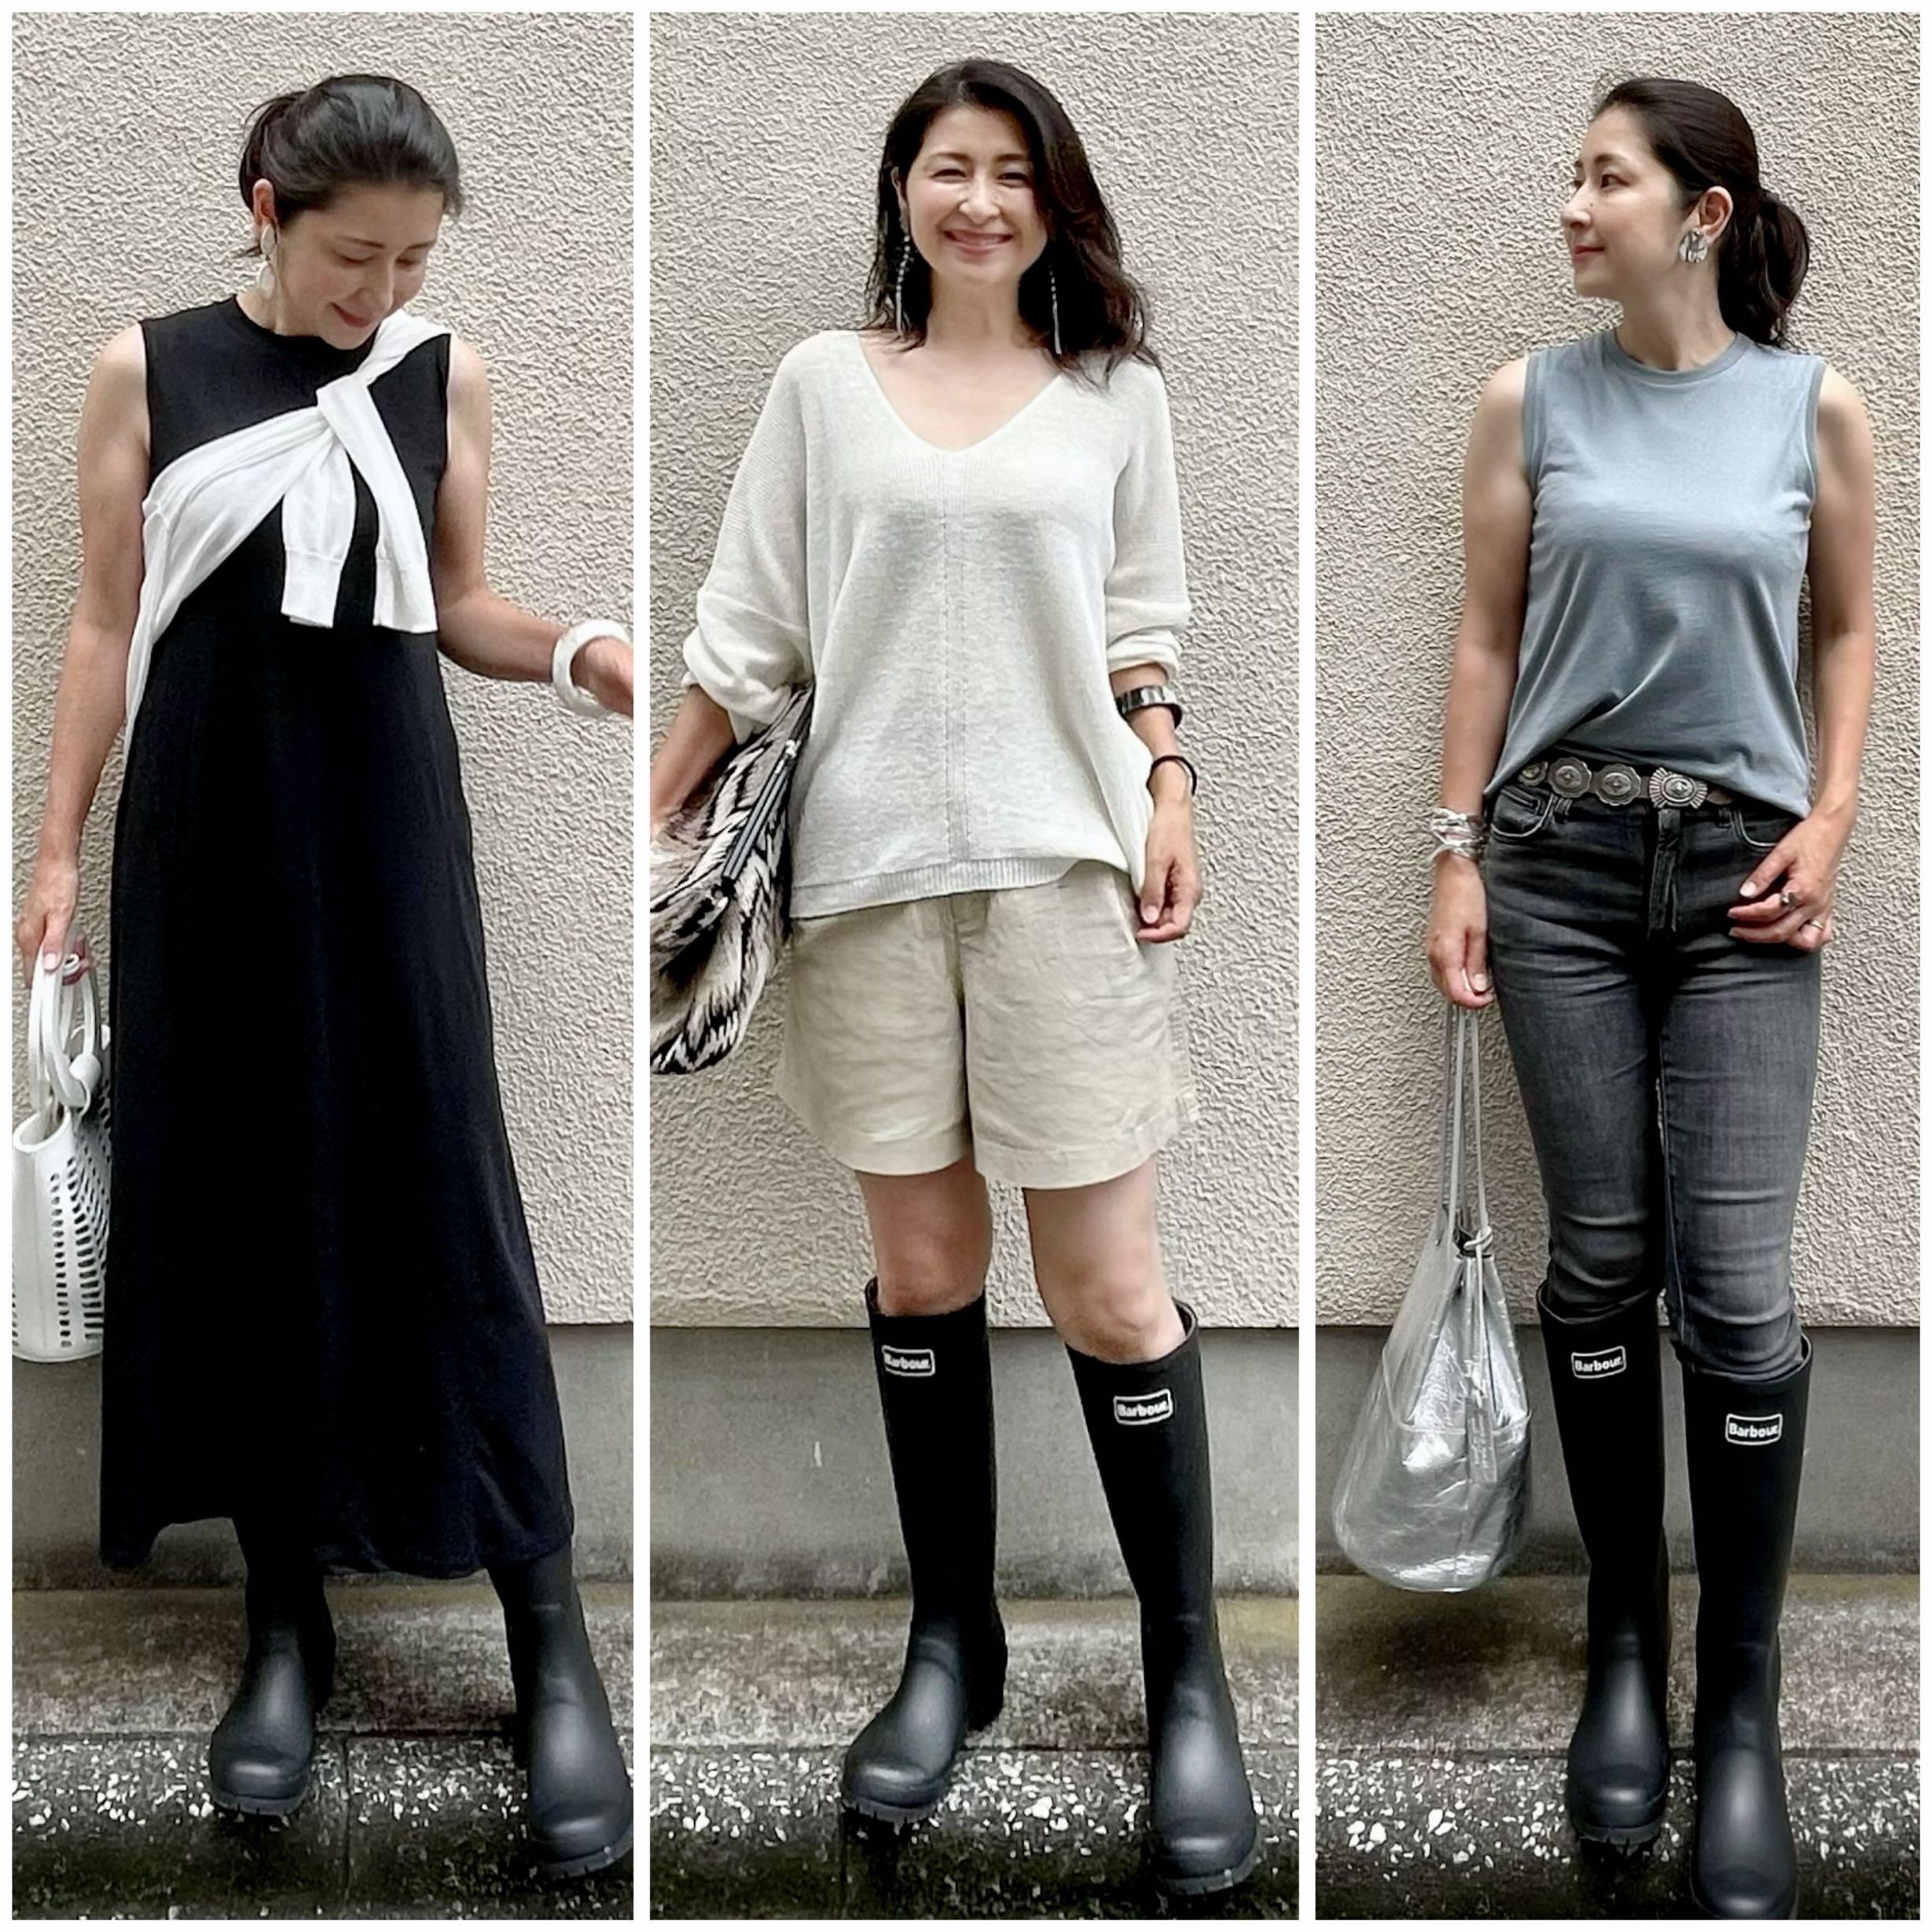 雨の日コーデ3つ、黒のワンピース、ベージュのショートパンツ、黒のデニム、黒のレインブーツ